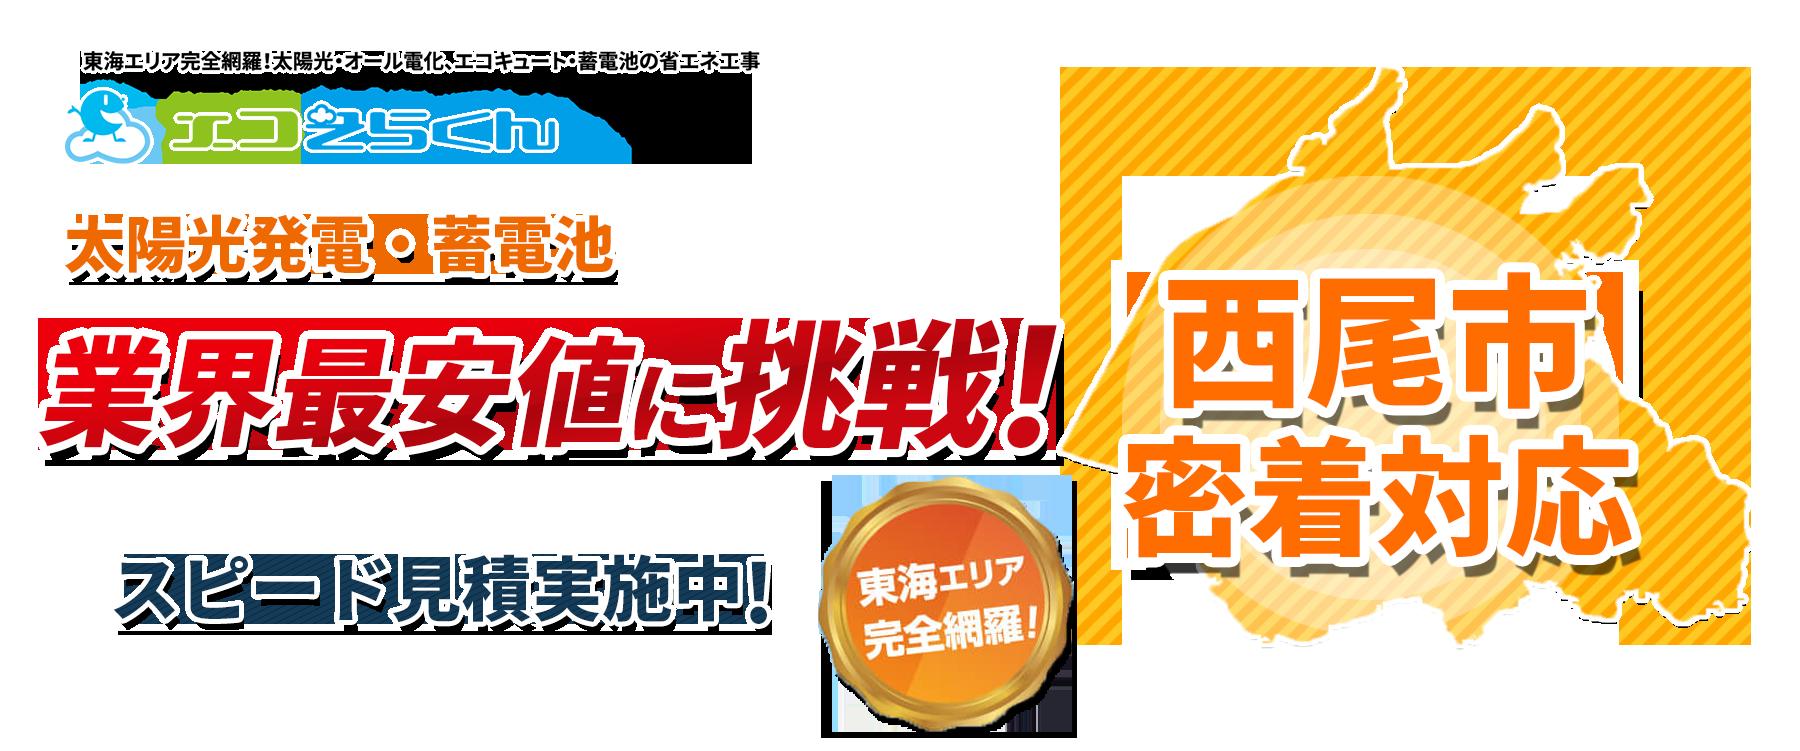 愛知県西尾市密着対応!